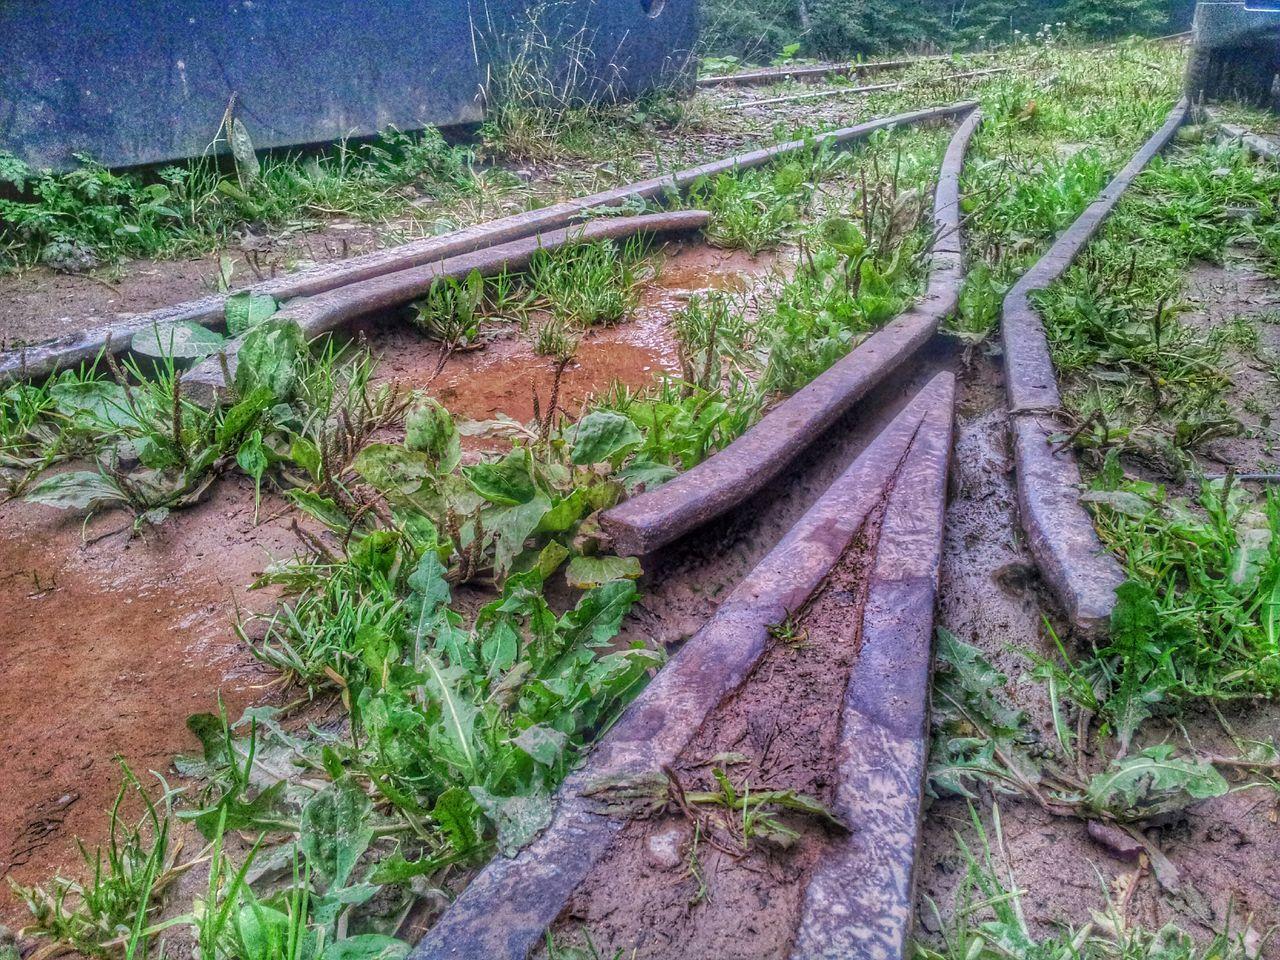 Gleisanlage vor Train Tracks Mine Train